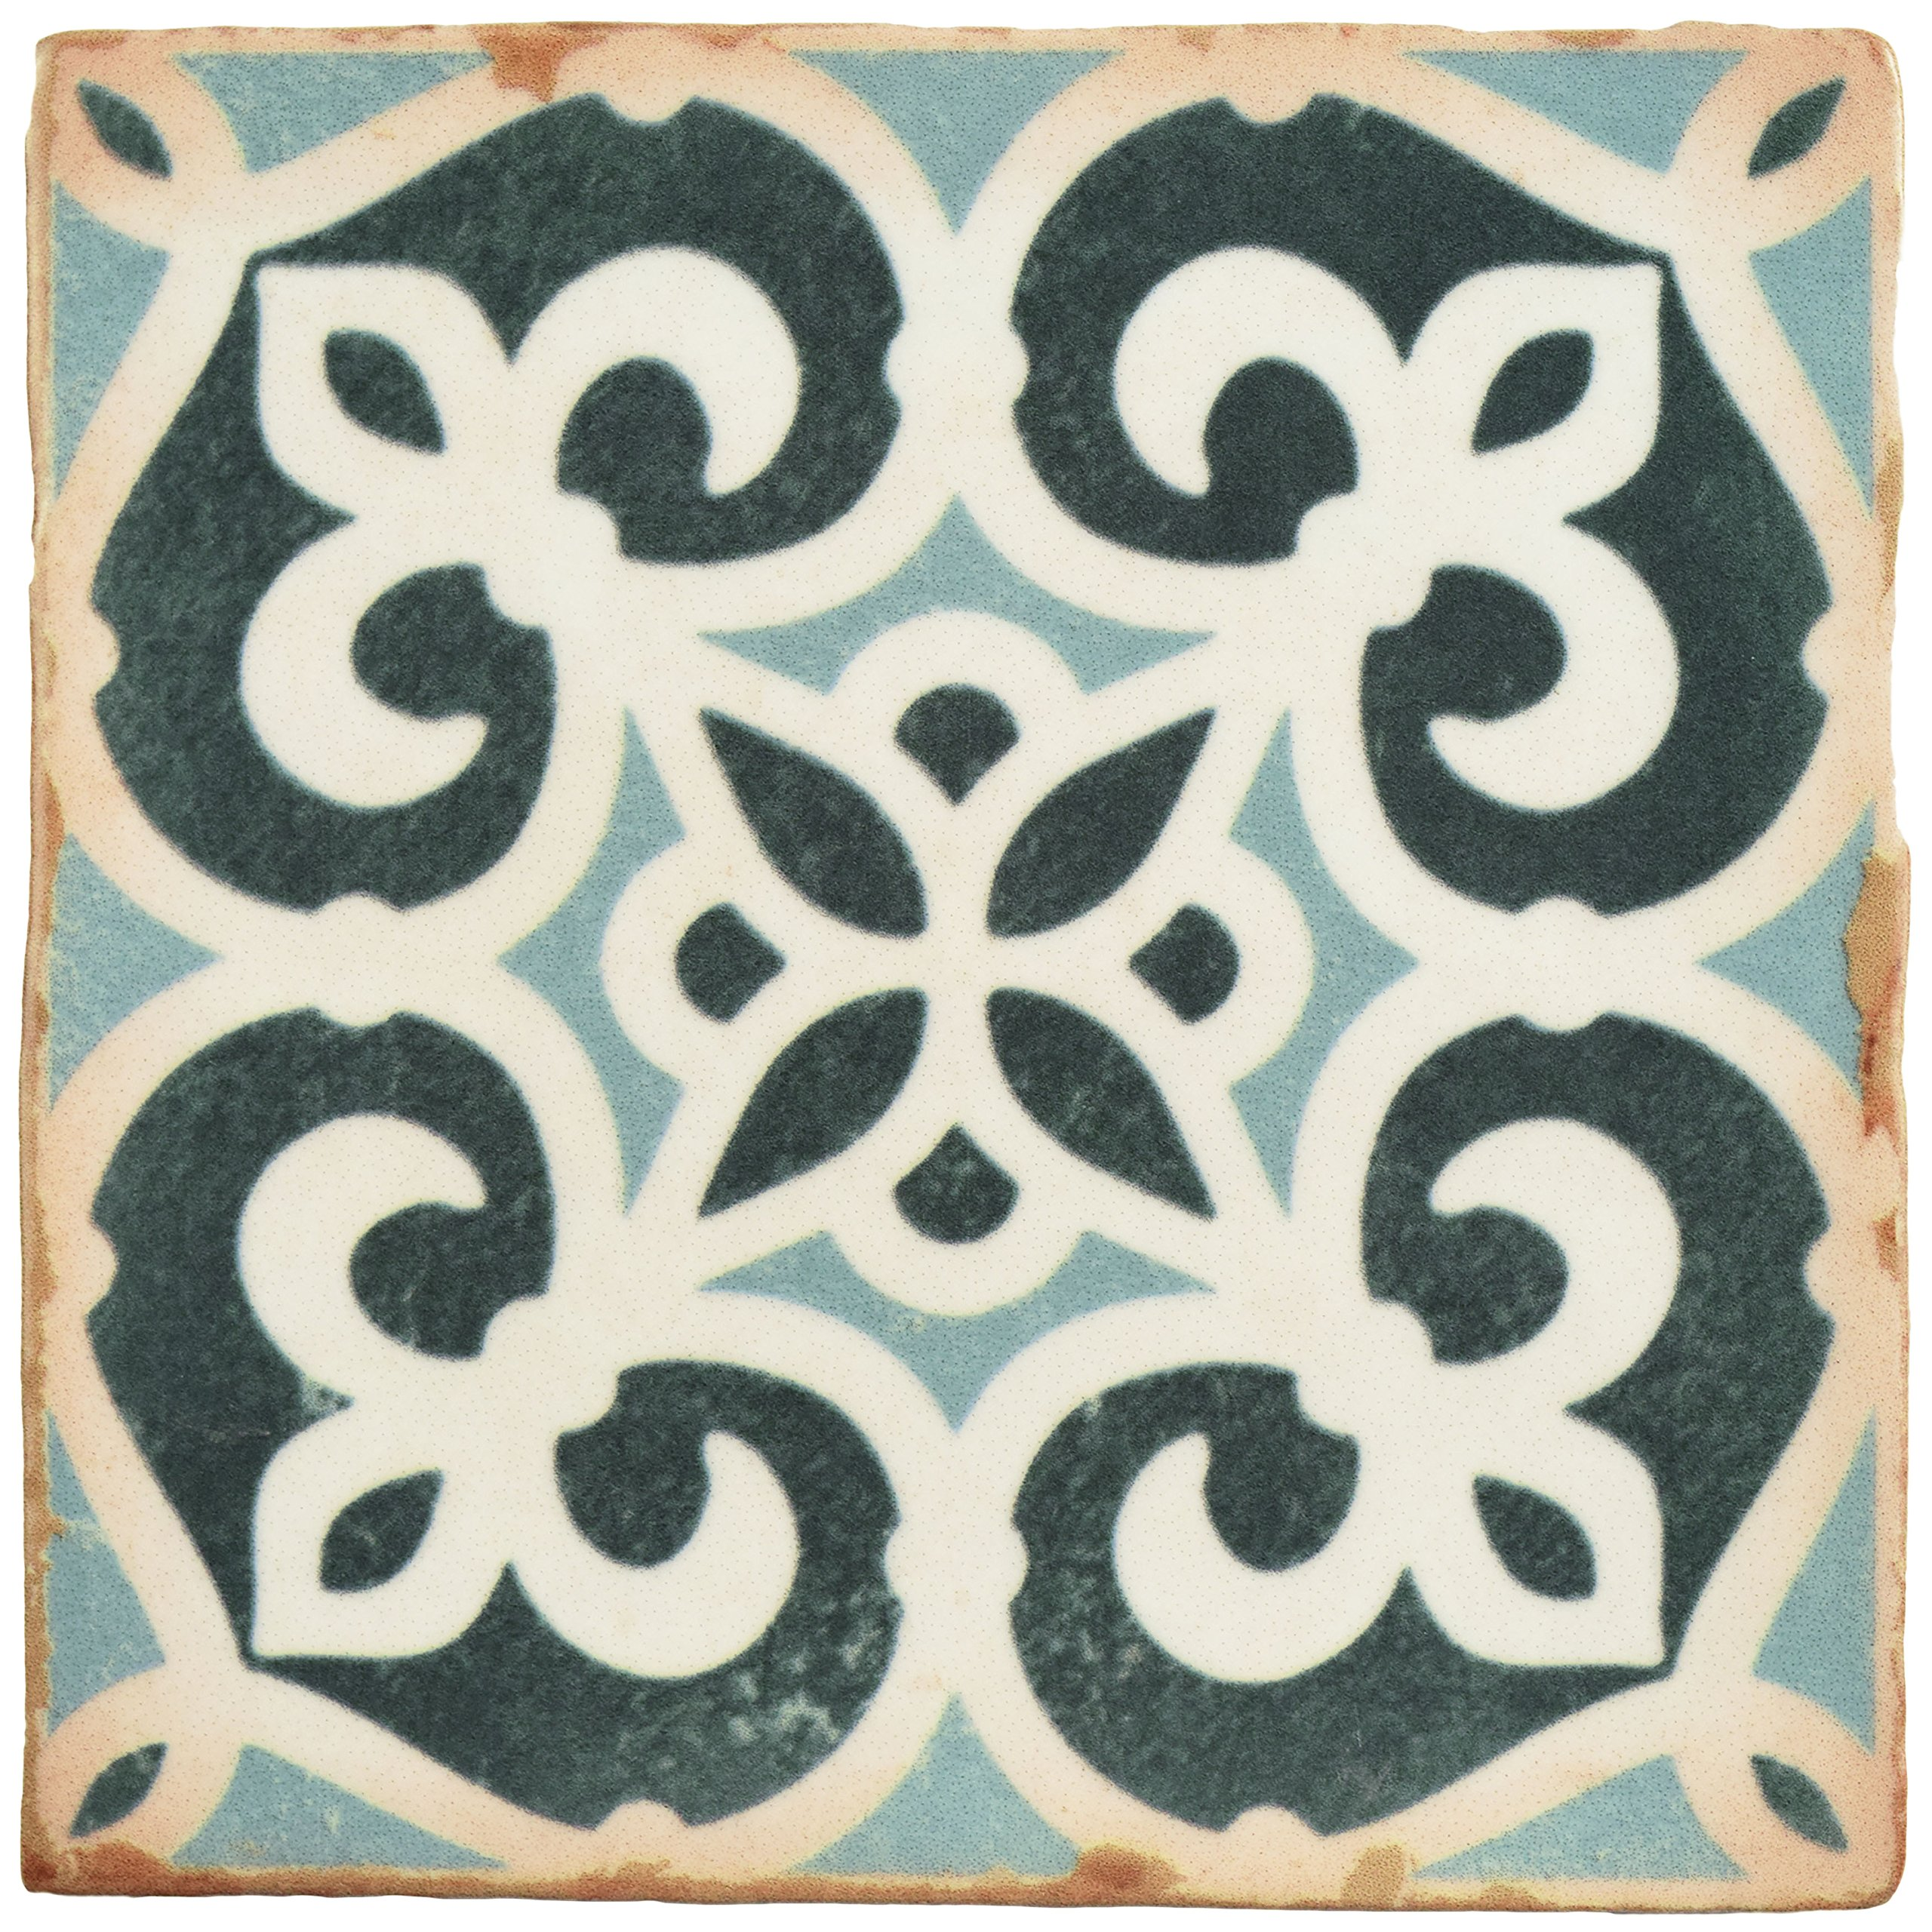 SomerTile FPEARCBK Modele Ceramic Floor and Wall Tile, 4.875'' x 4.875'', Blue/Cream/White/Brown